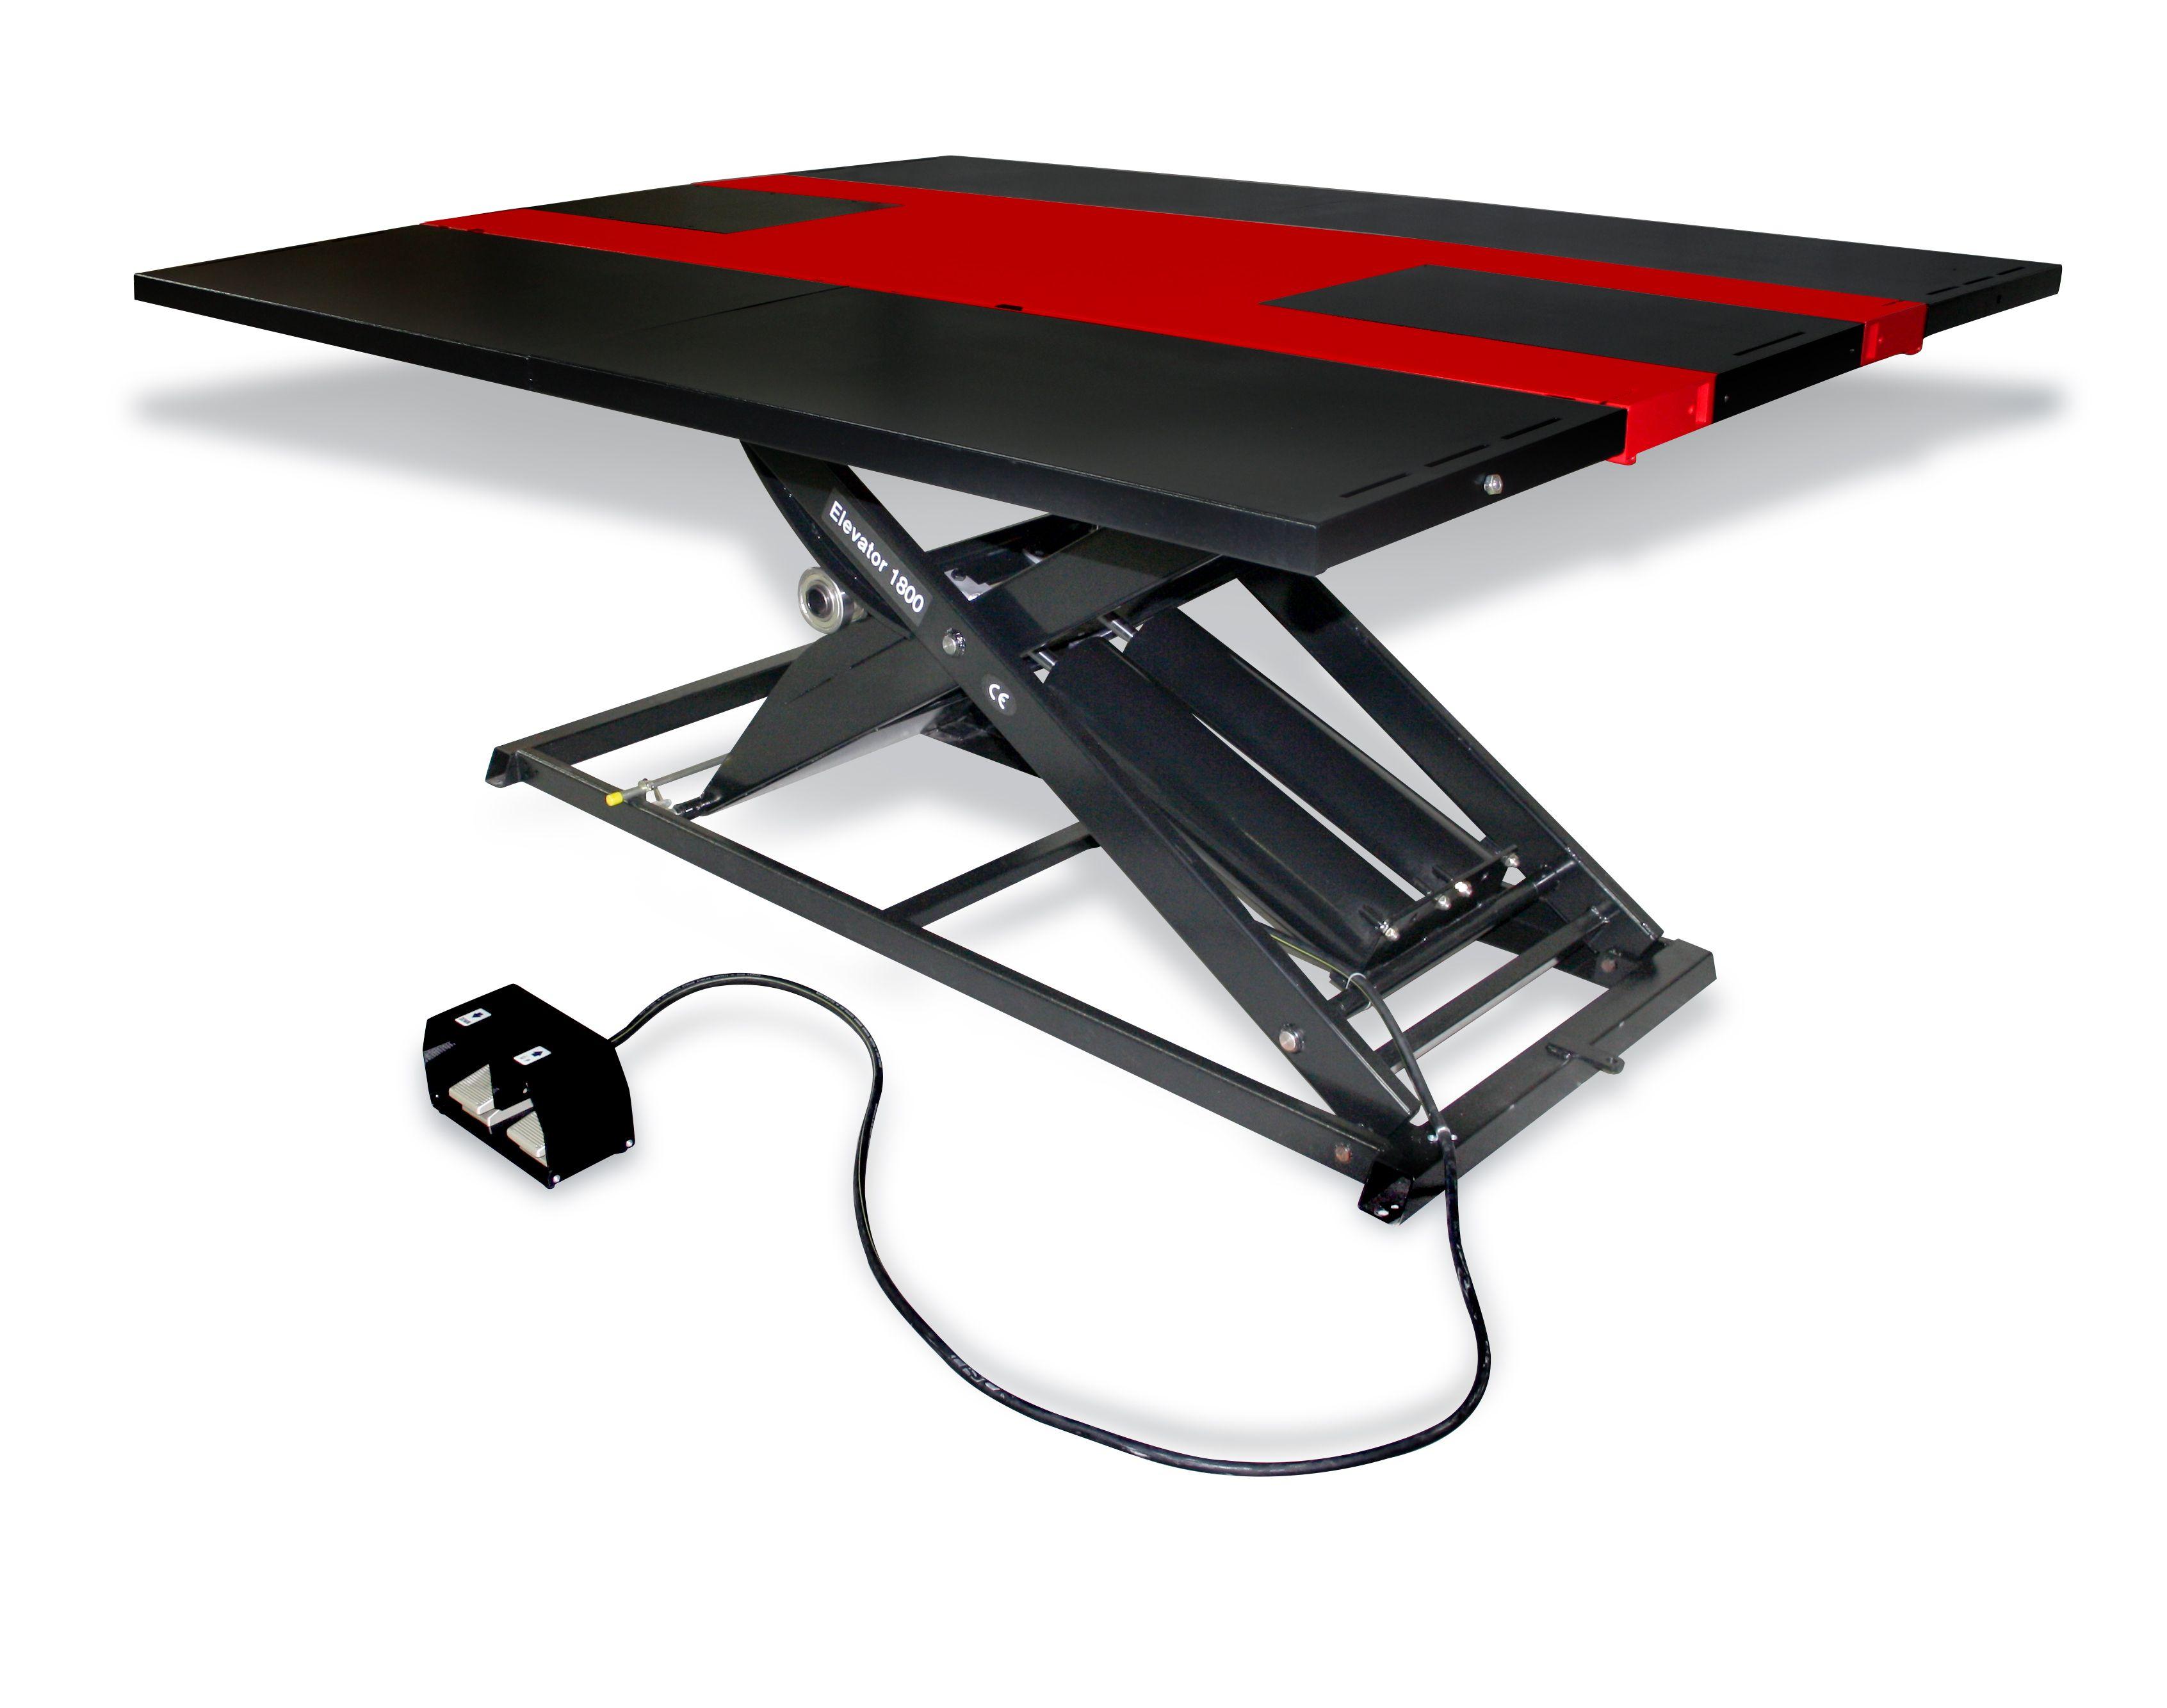 Épinglé sur Work Lift Table